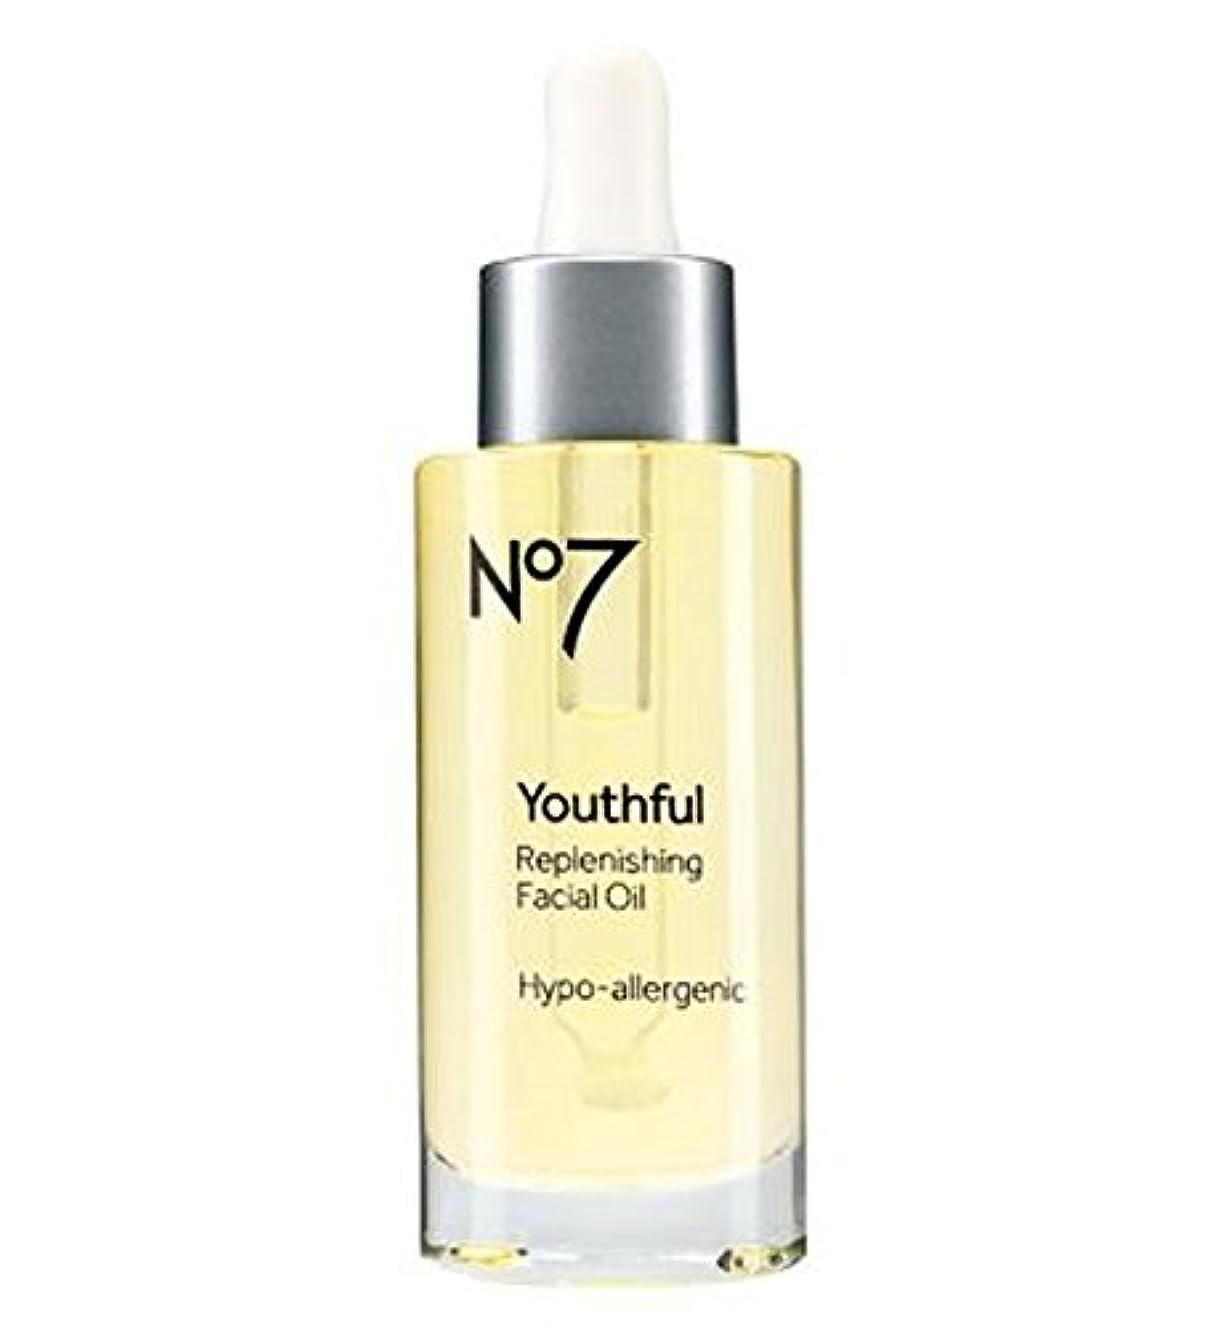 運動するタンク砲兵No7 Youthful Replenishing Facial Oil 30ml - No7若々しい補給フェイシャルオイル30ミリリットル (No7) [並行輸入品]